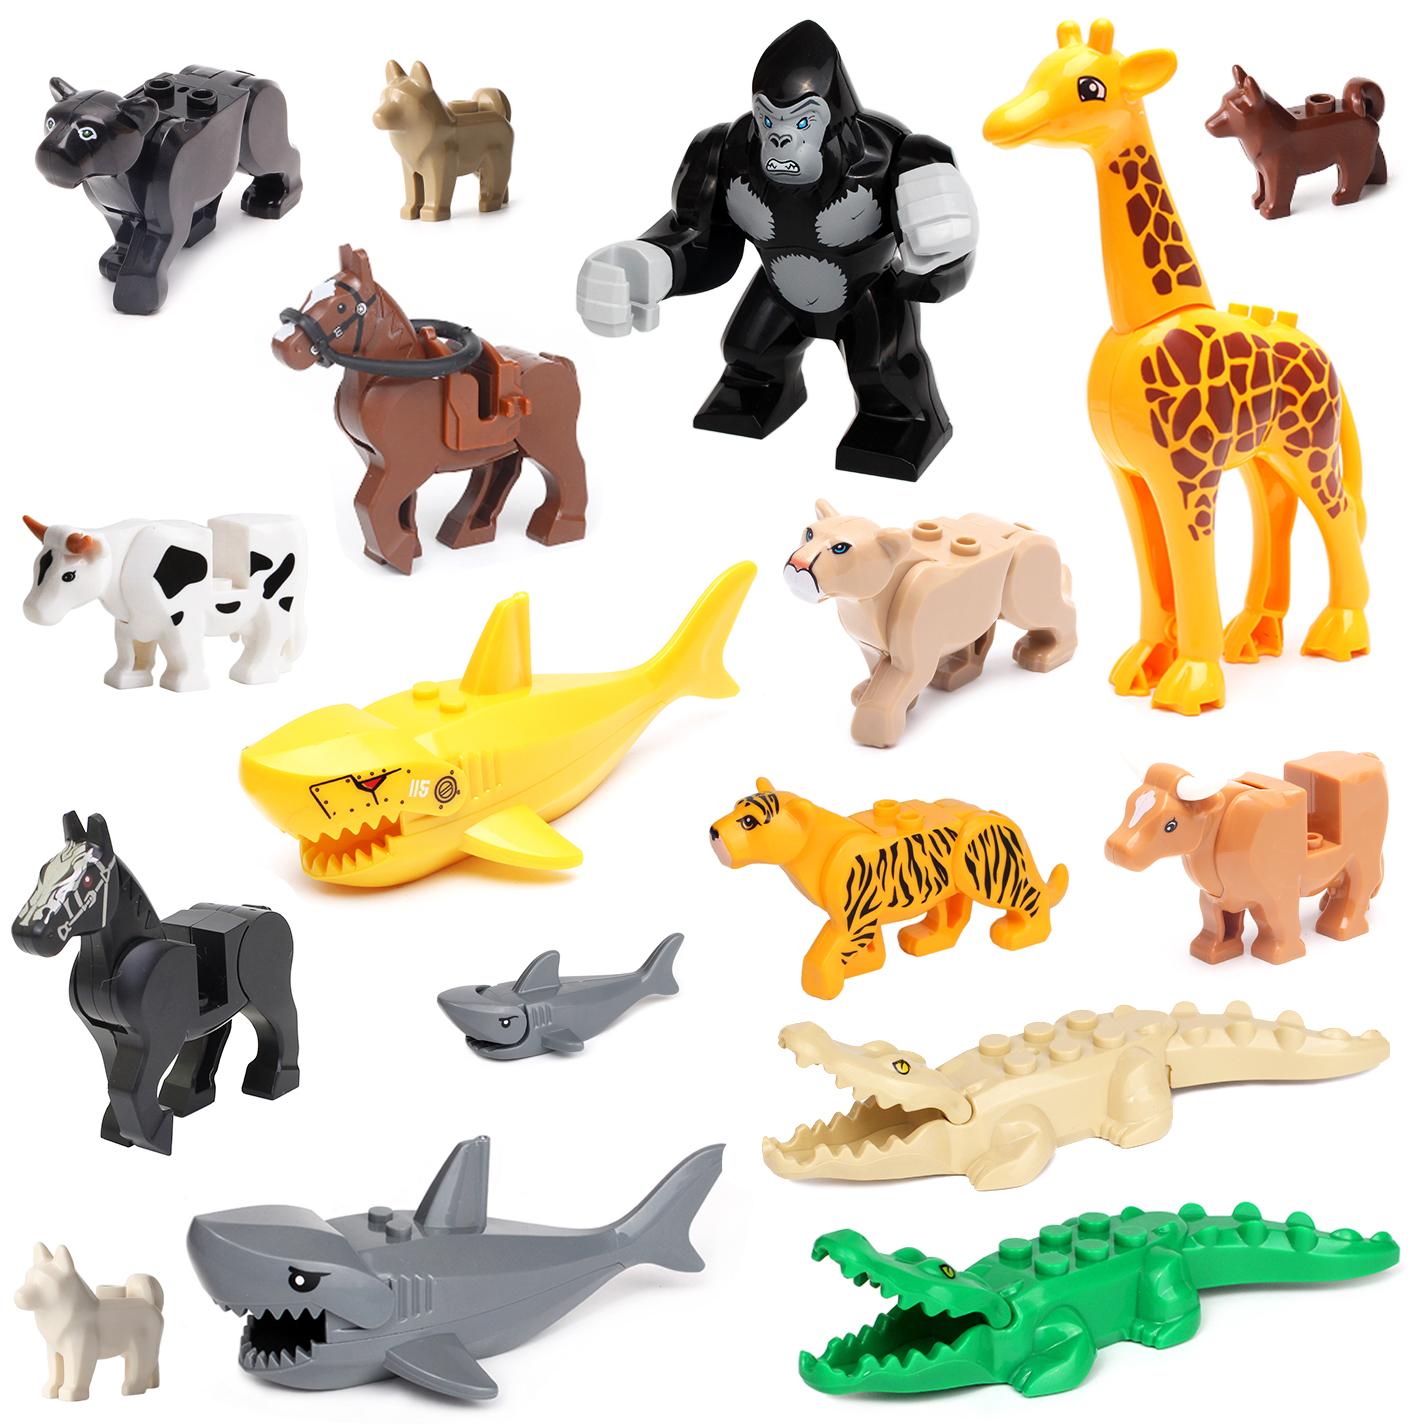 兼容乐高小颗粒益智拼装积木玩具配件 小动物猩猩马狗鲨鱼奶牛豹